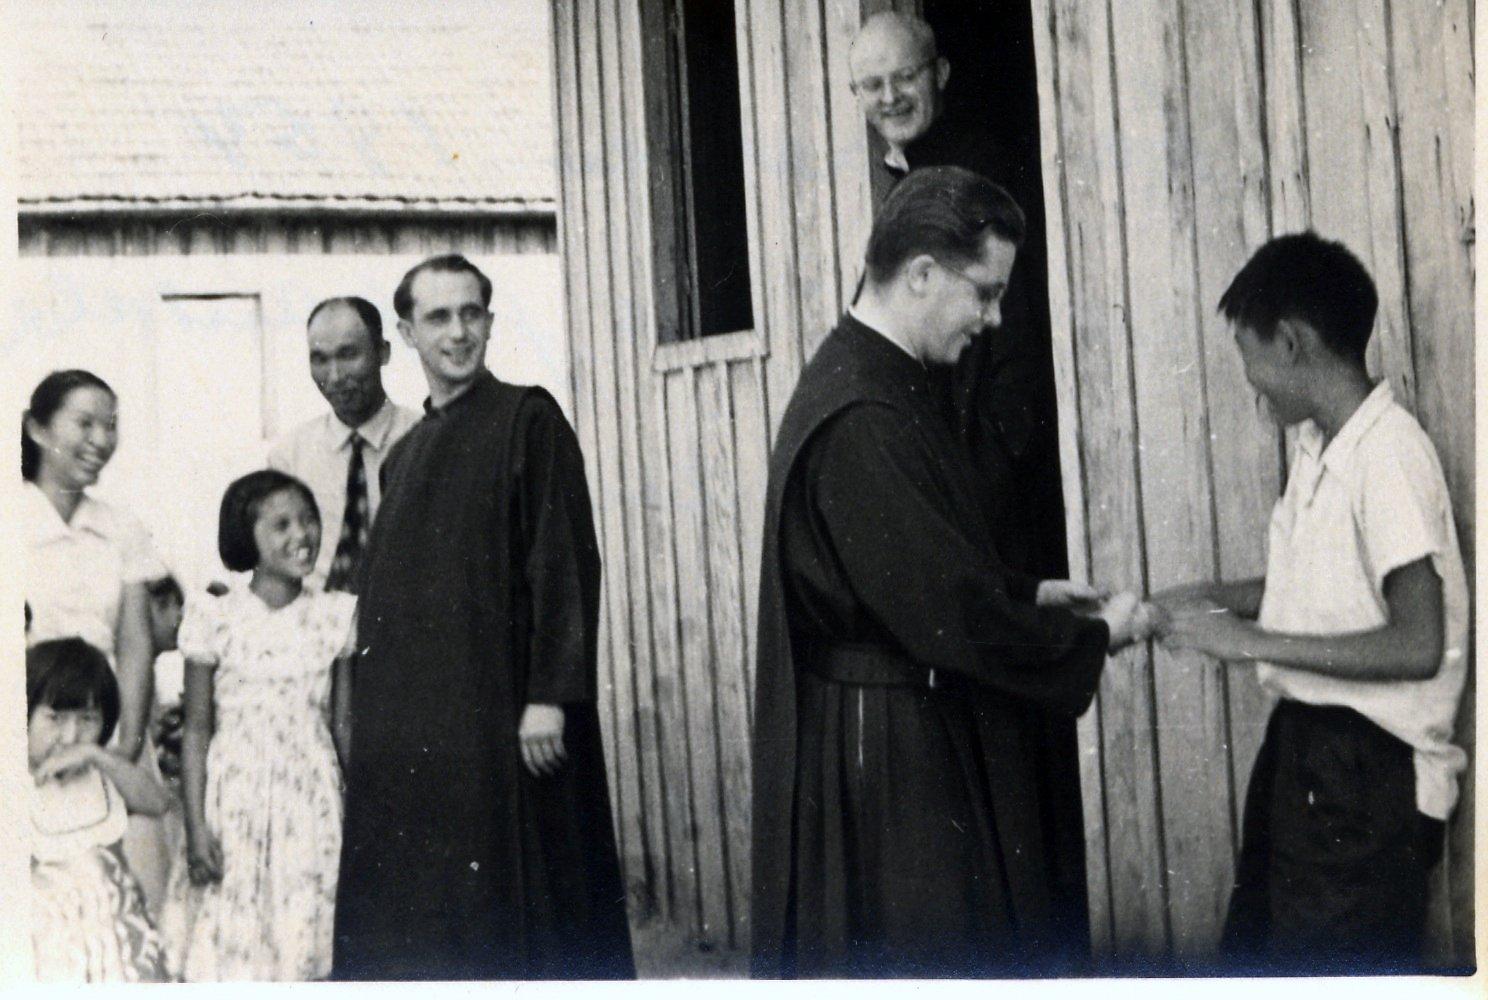 Henrique Wunderlich, Burcardo Lippert e Alberto Foerst (Acervo: Ordem do Carmo)